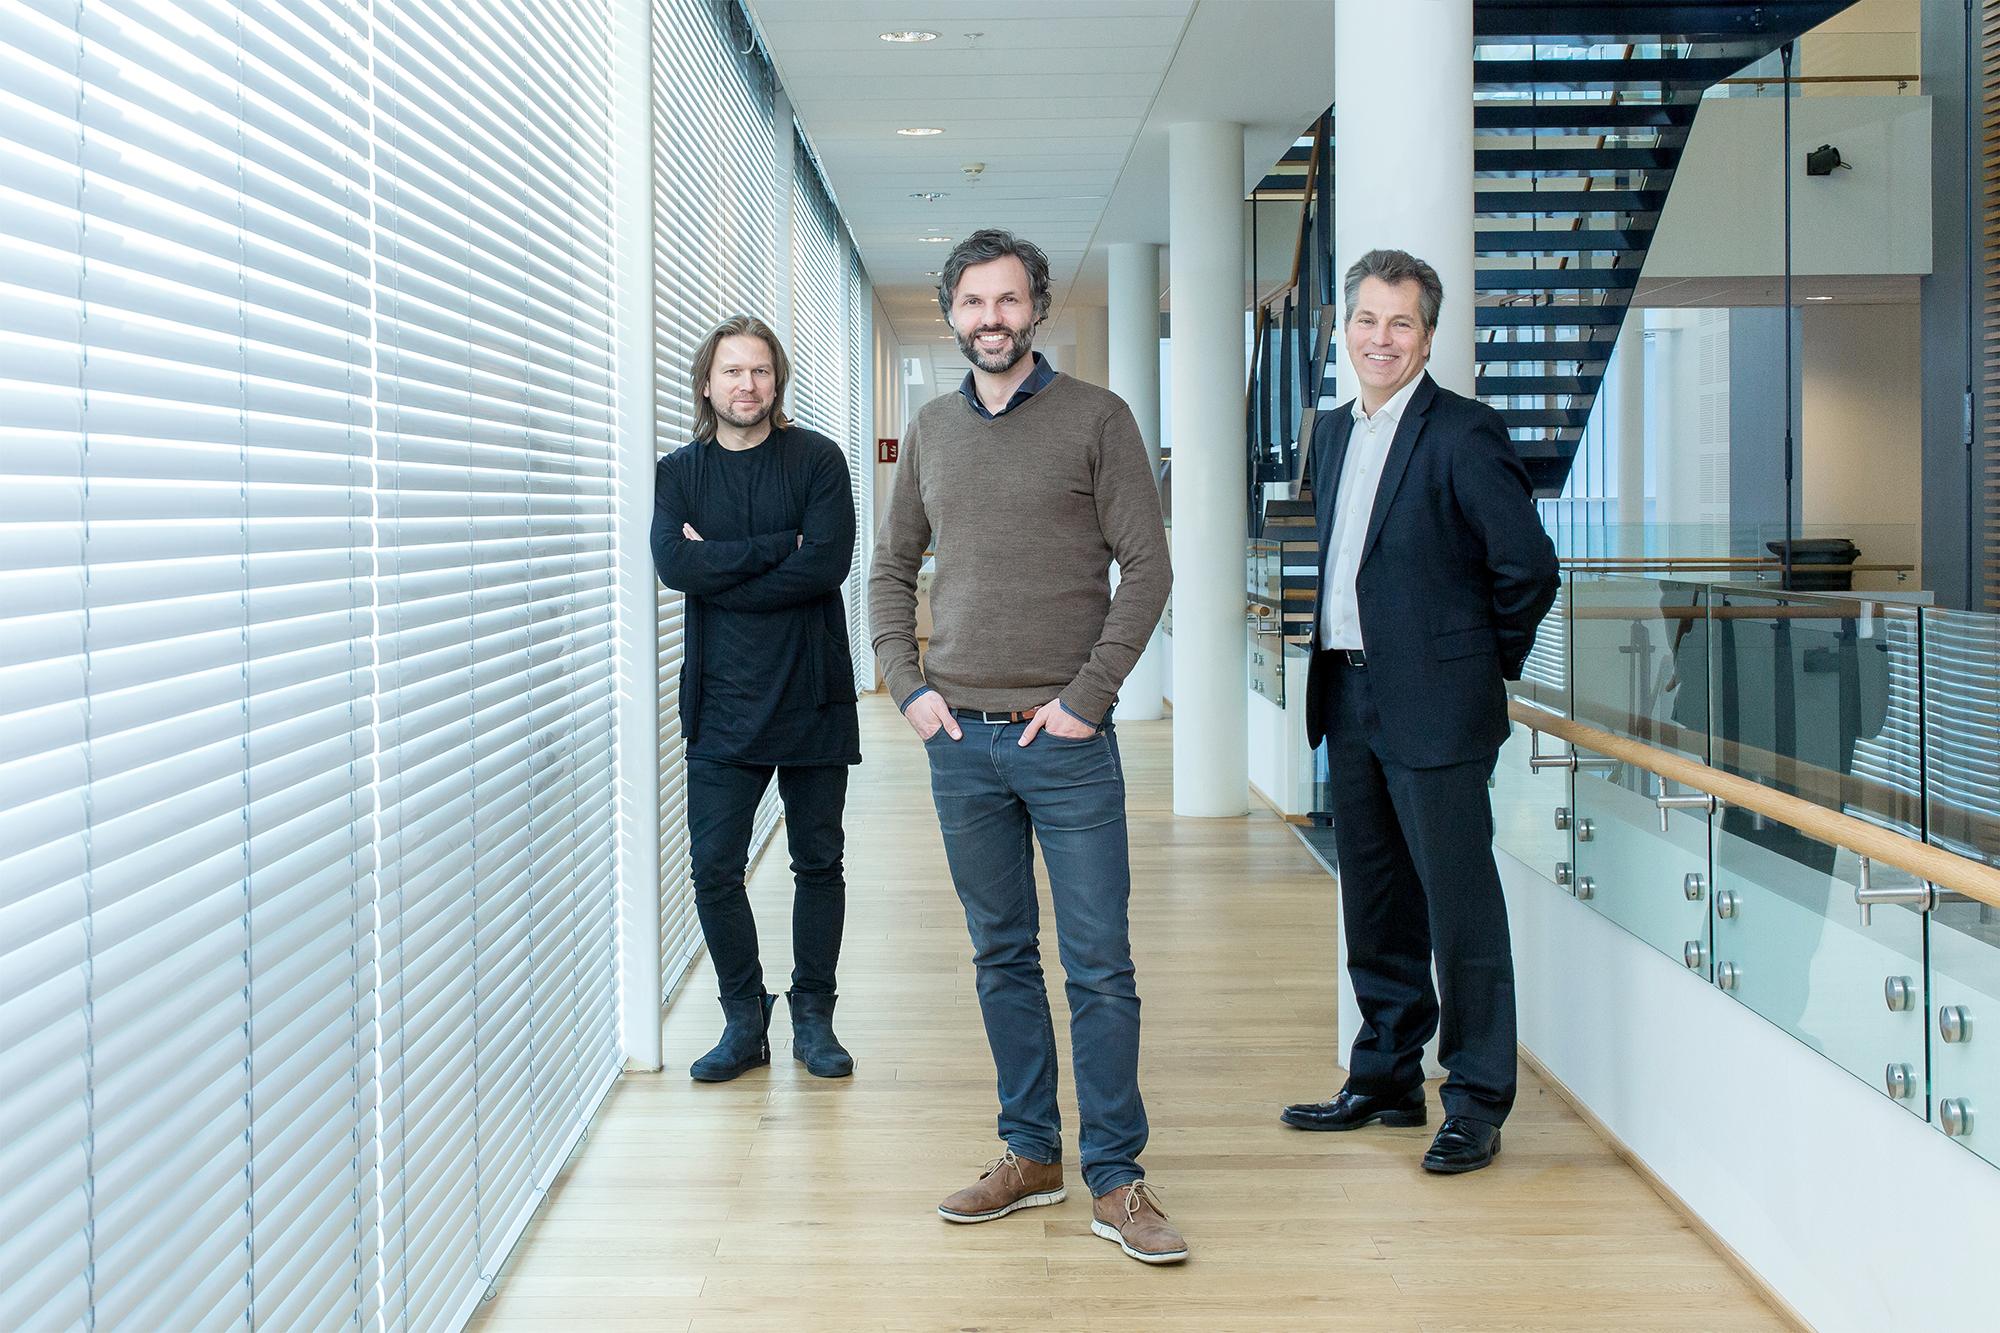 Johnny Anderson fra Skandiabanken, Svein Haakon Lia fra Bleed og Ole C. Apeland fra kommunikasjonsbyrået Apeland